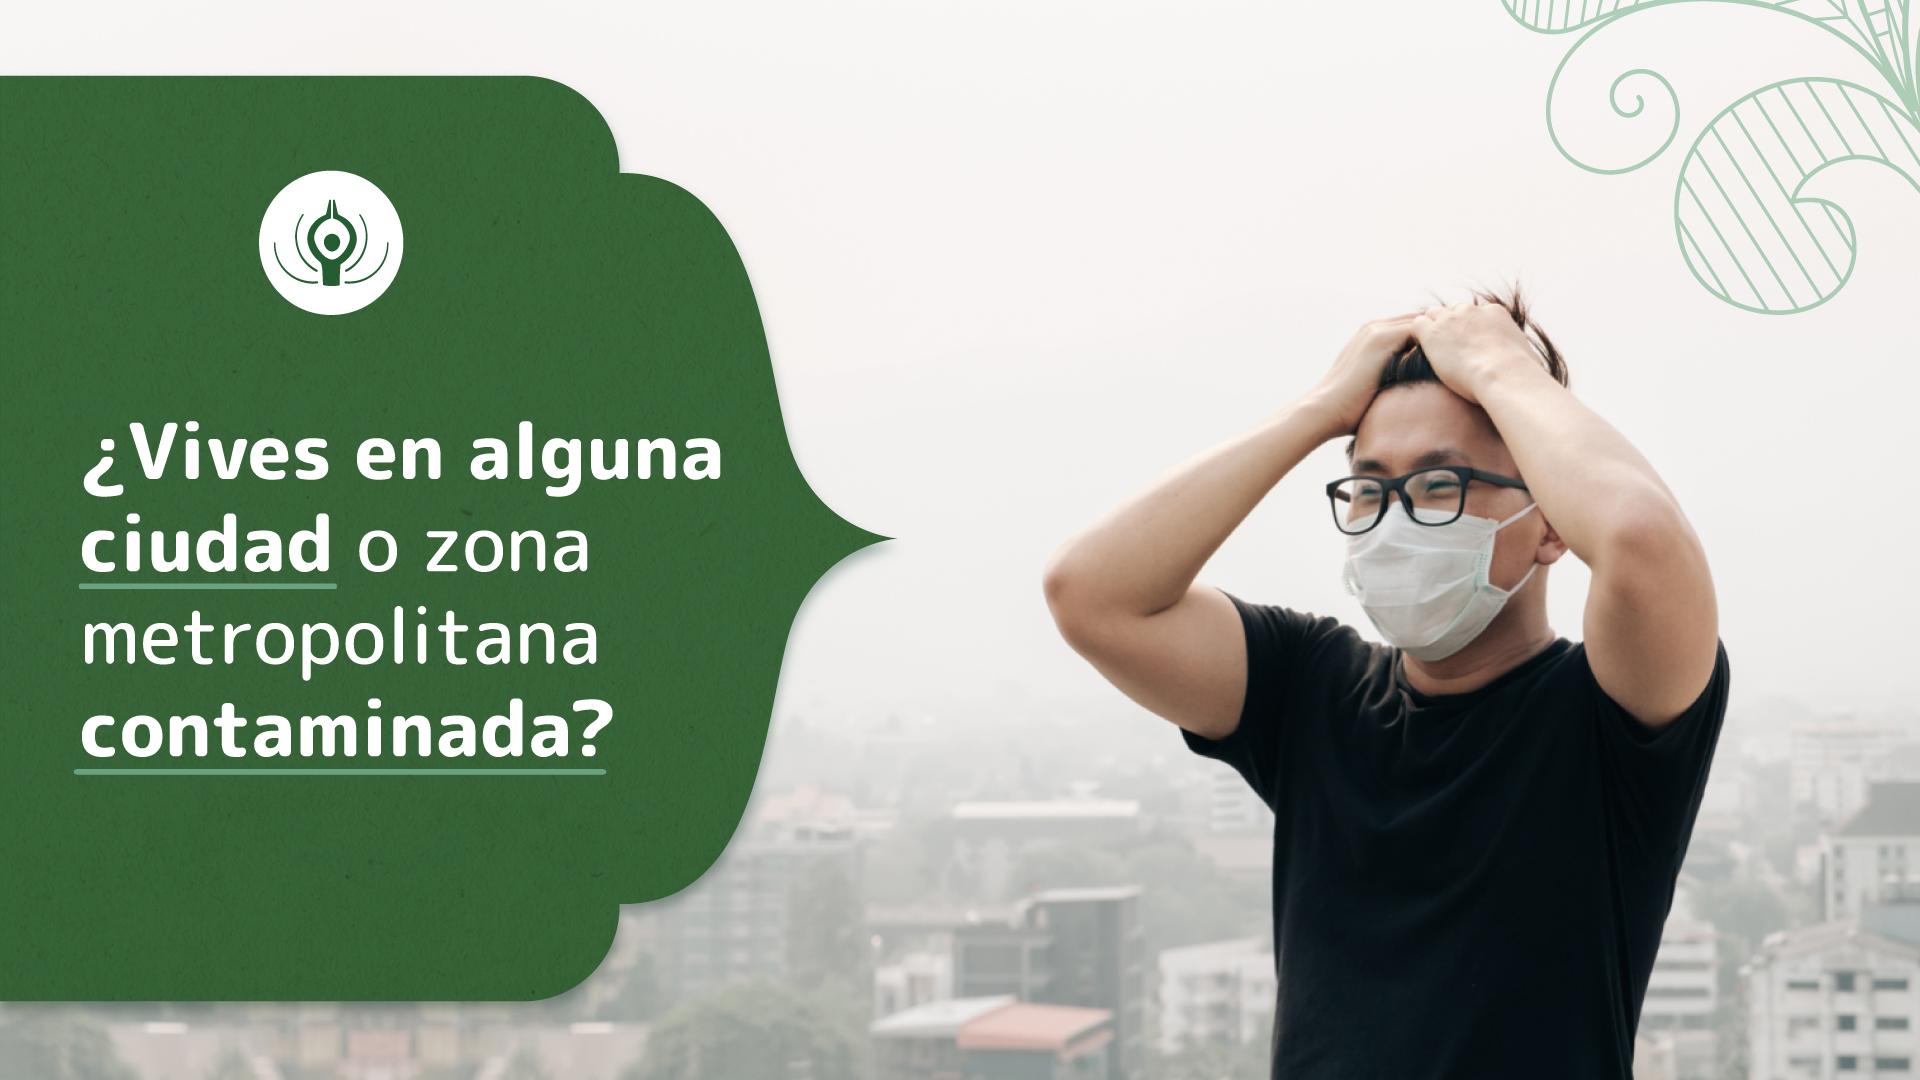 ¿Vives en alguna ciudad o zona metropolitana contaminada?